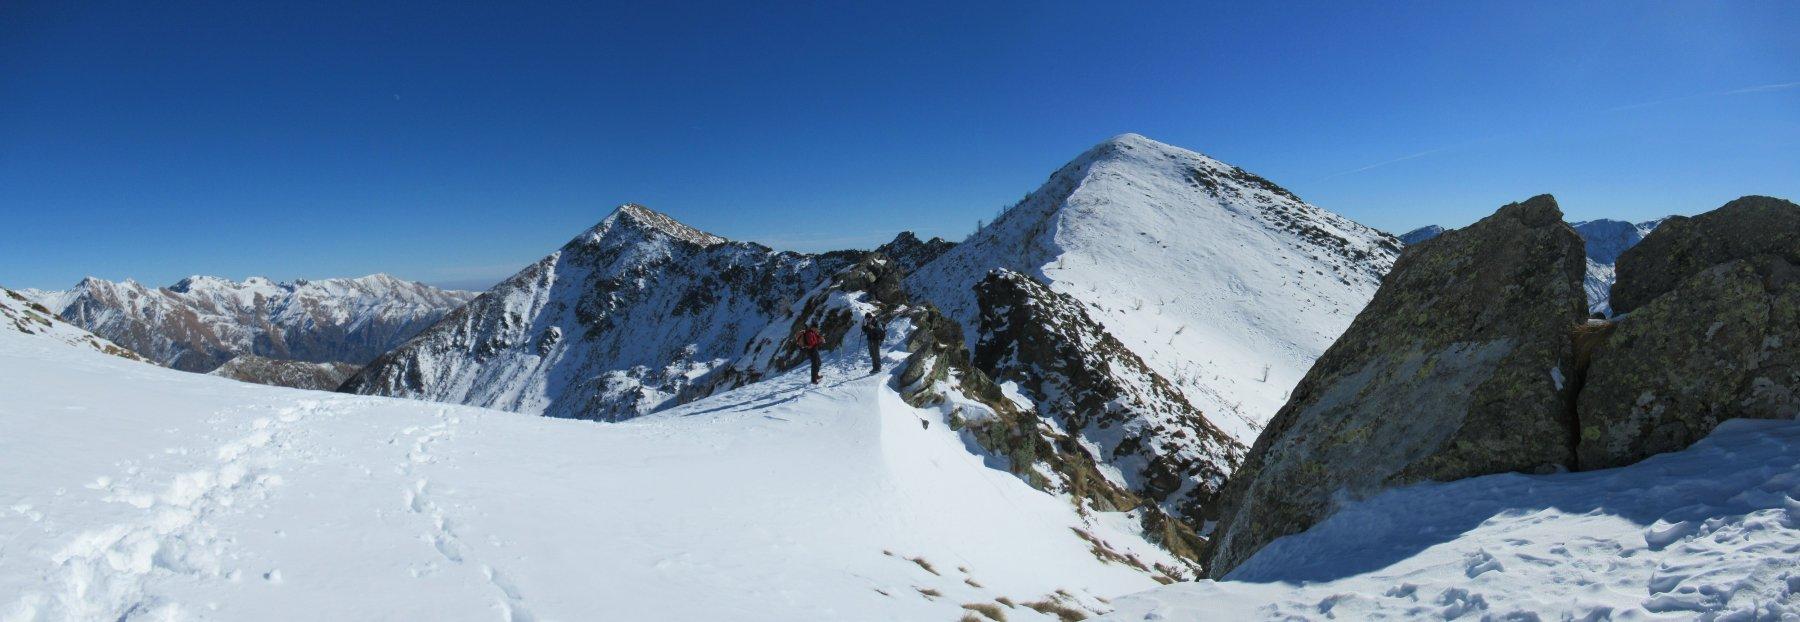 Al colle d'Attia con il Monte Più